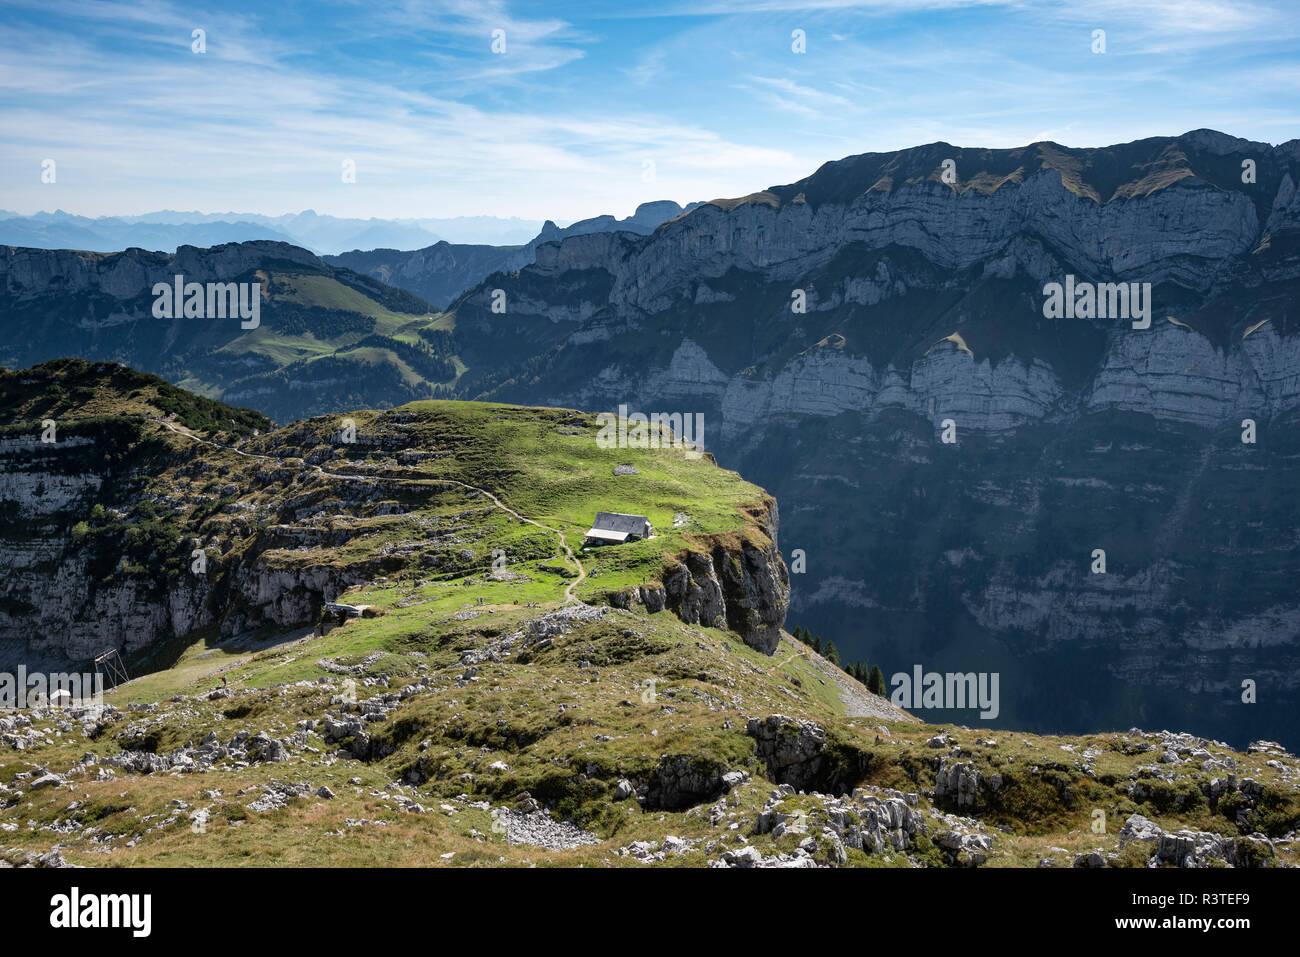 Schweiz, Appenzell, Alp Chlus auf Zisler Berg in die Appenzeller Alpen Stockbild